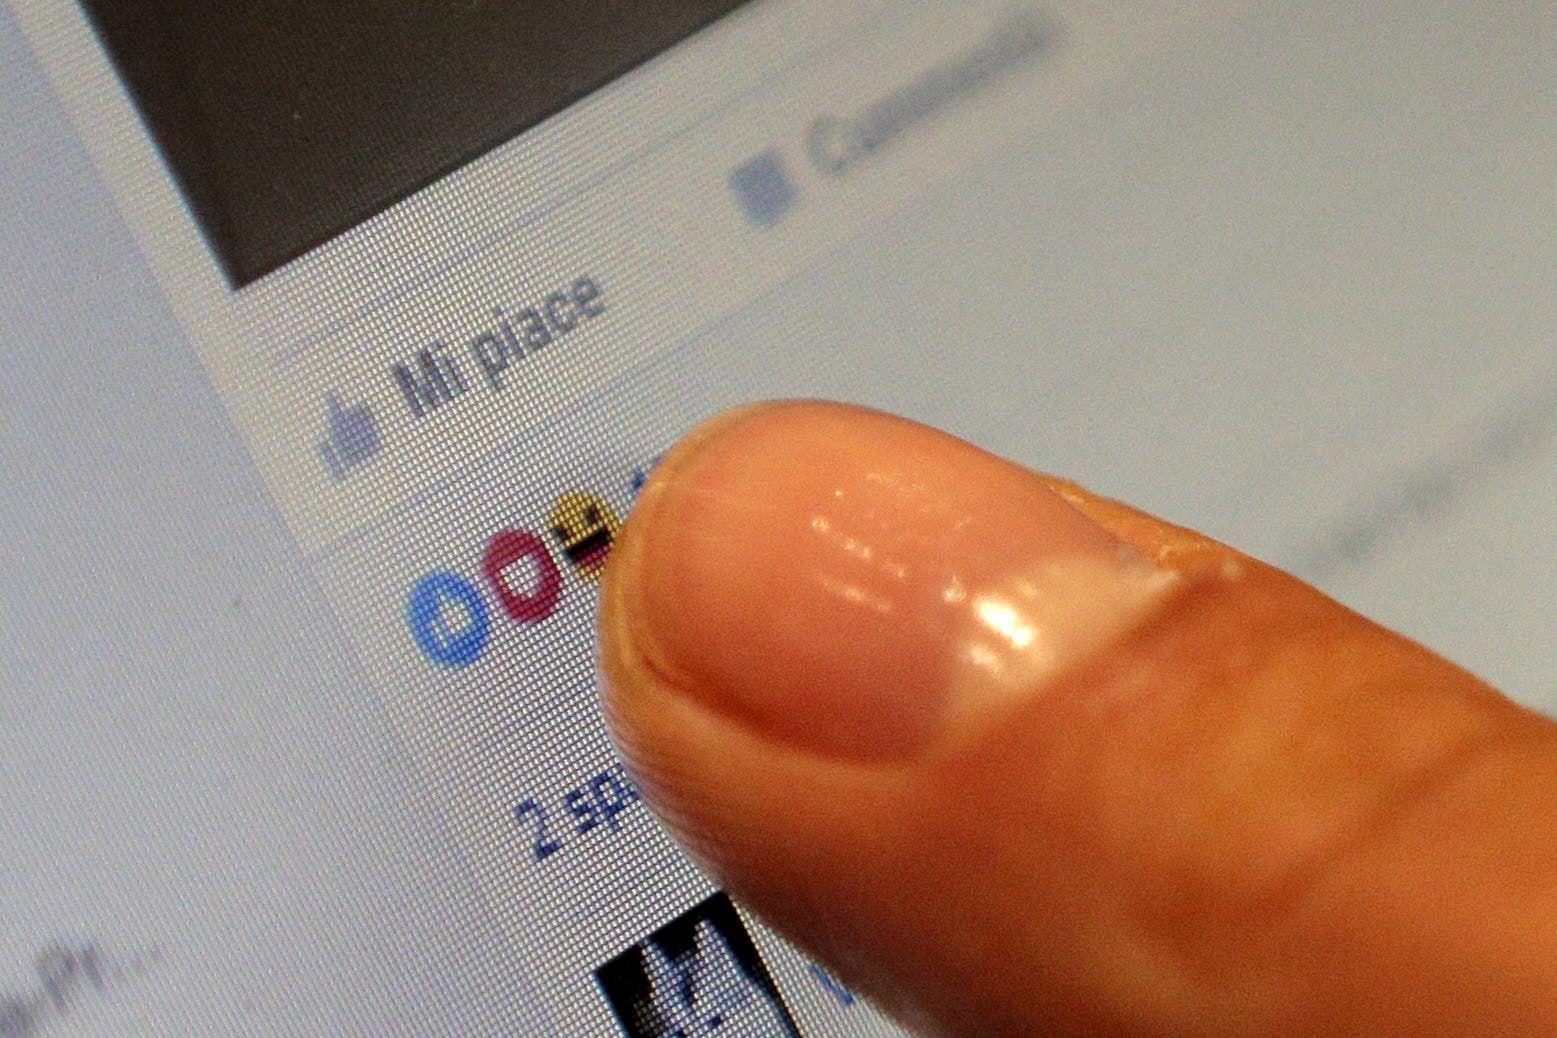 عداد التفاعل في فيسبوك